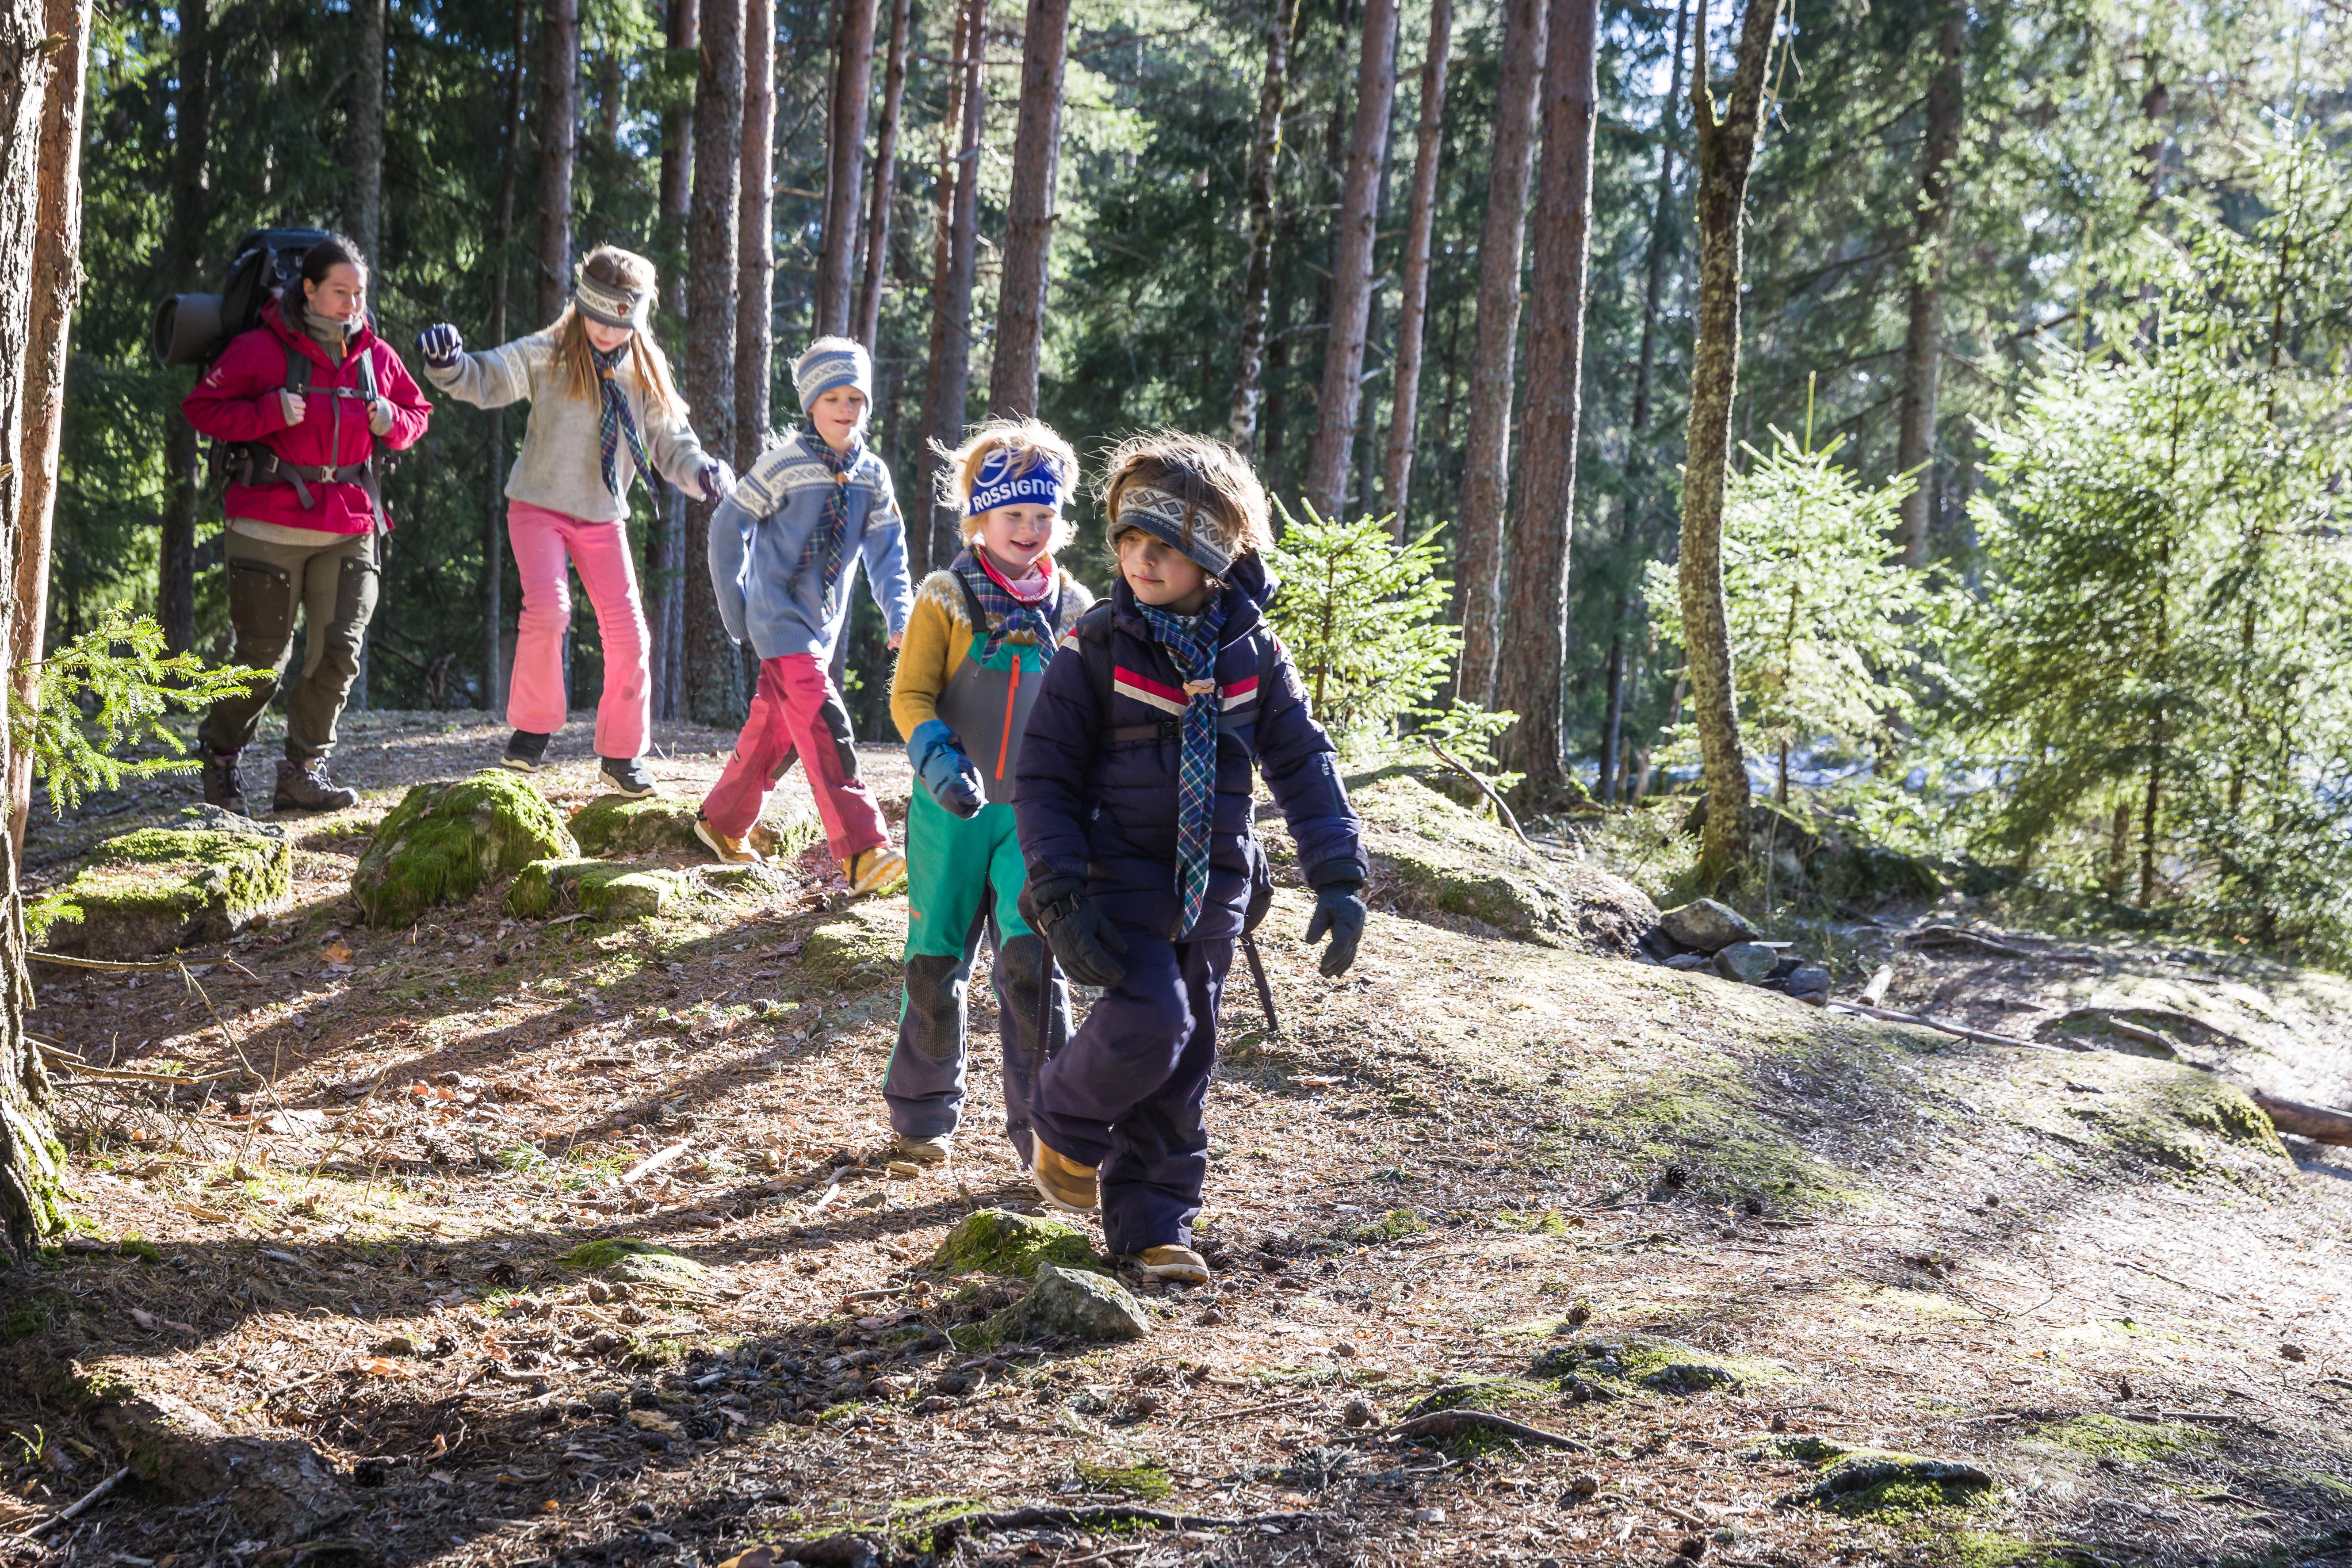 Småspeidere på tur gjennom skogen Vaffeltur Foto Alexander Vestrum.jpg